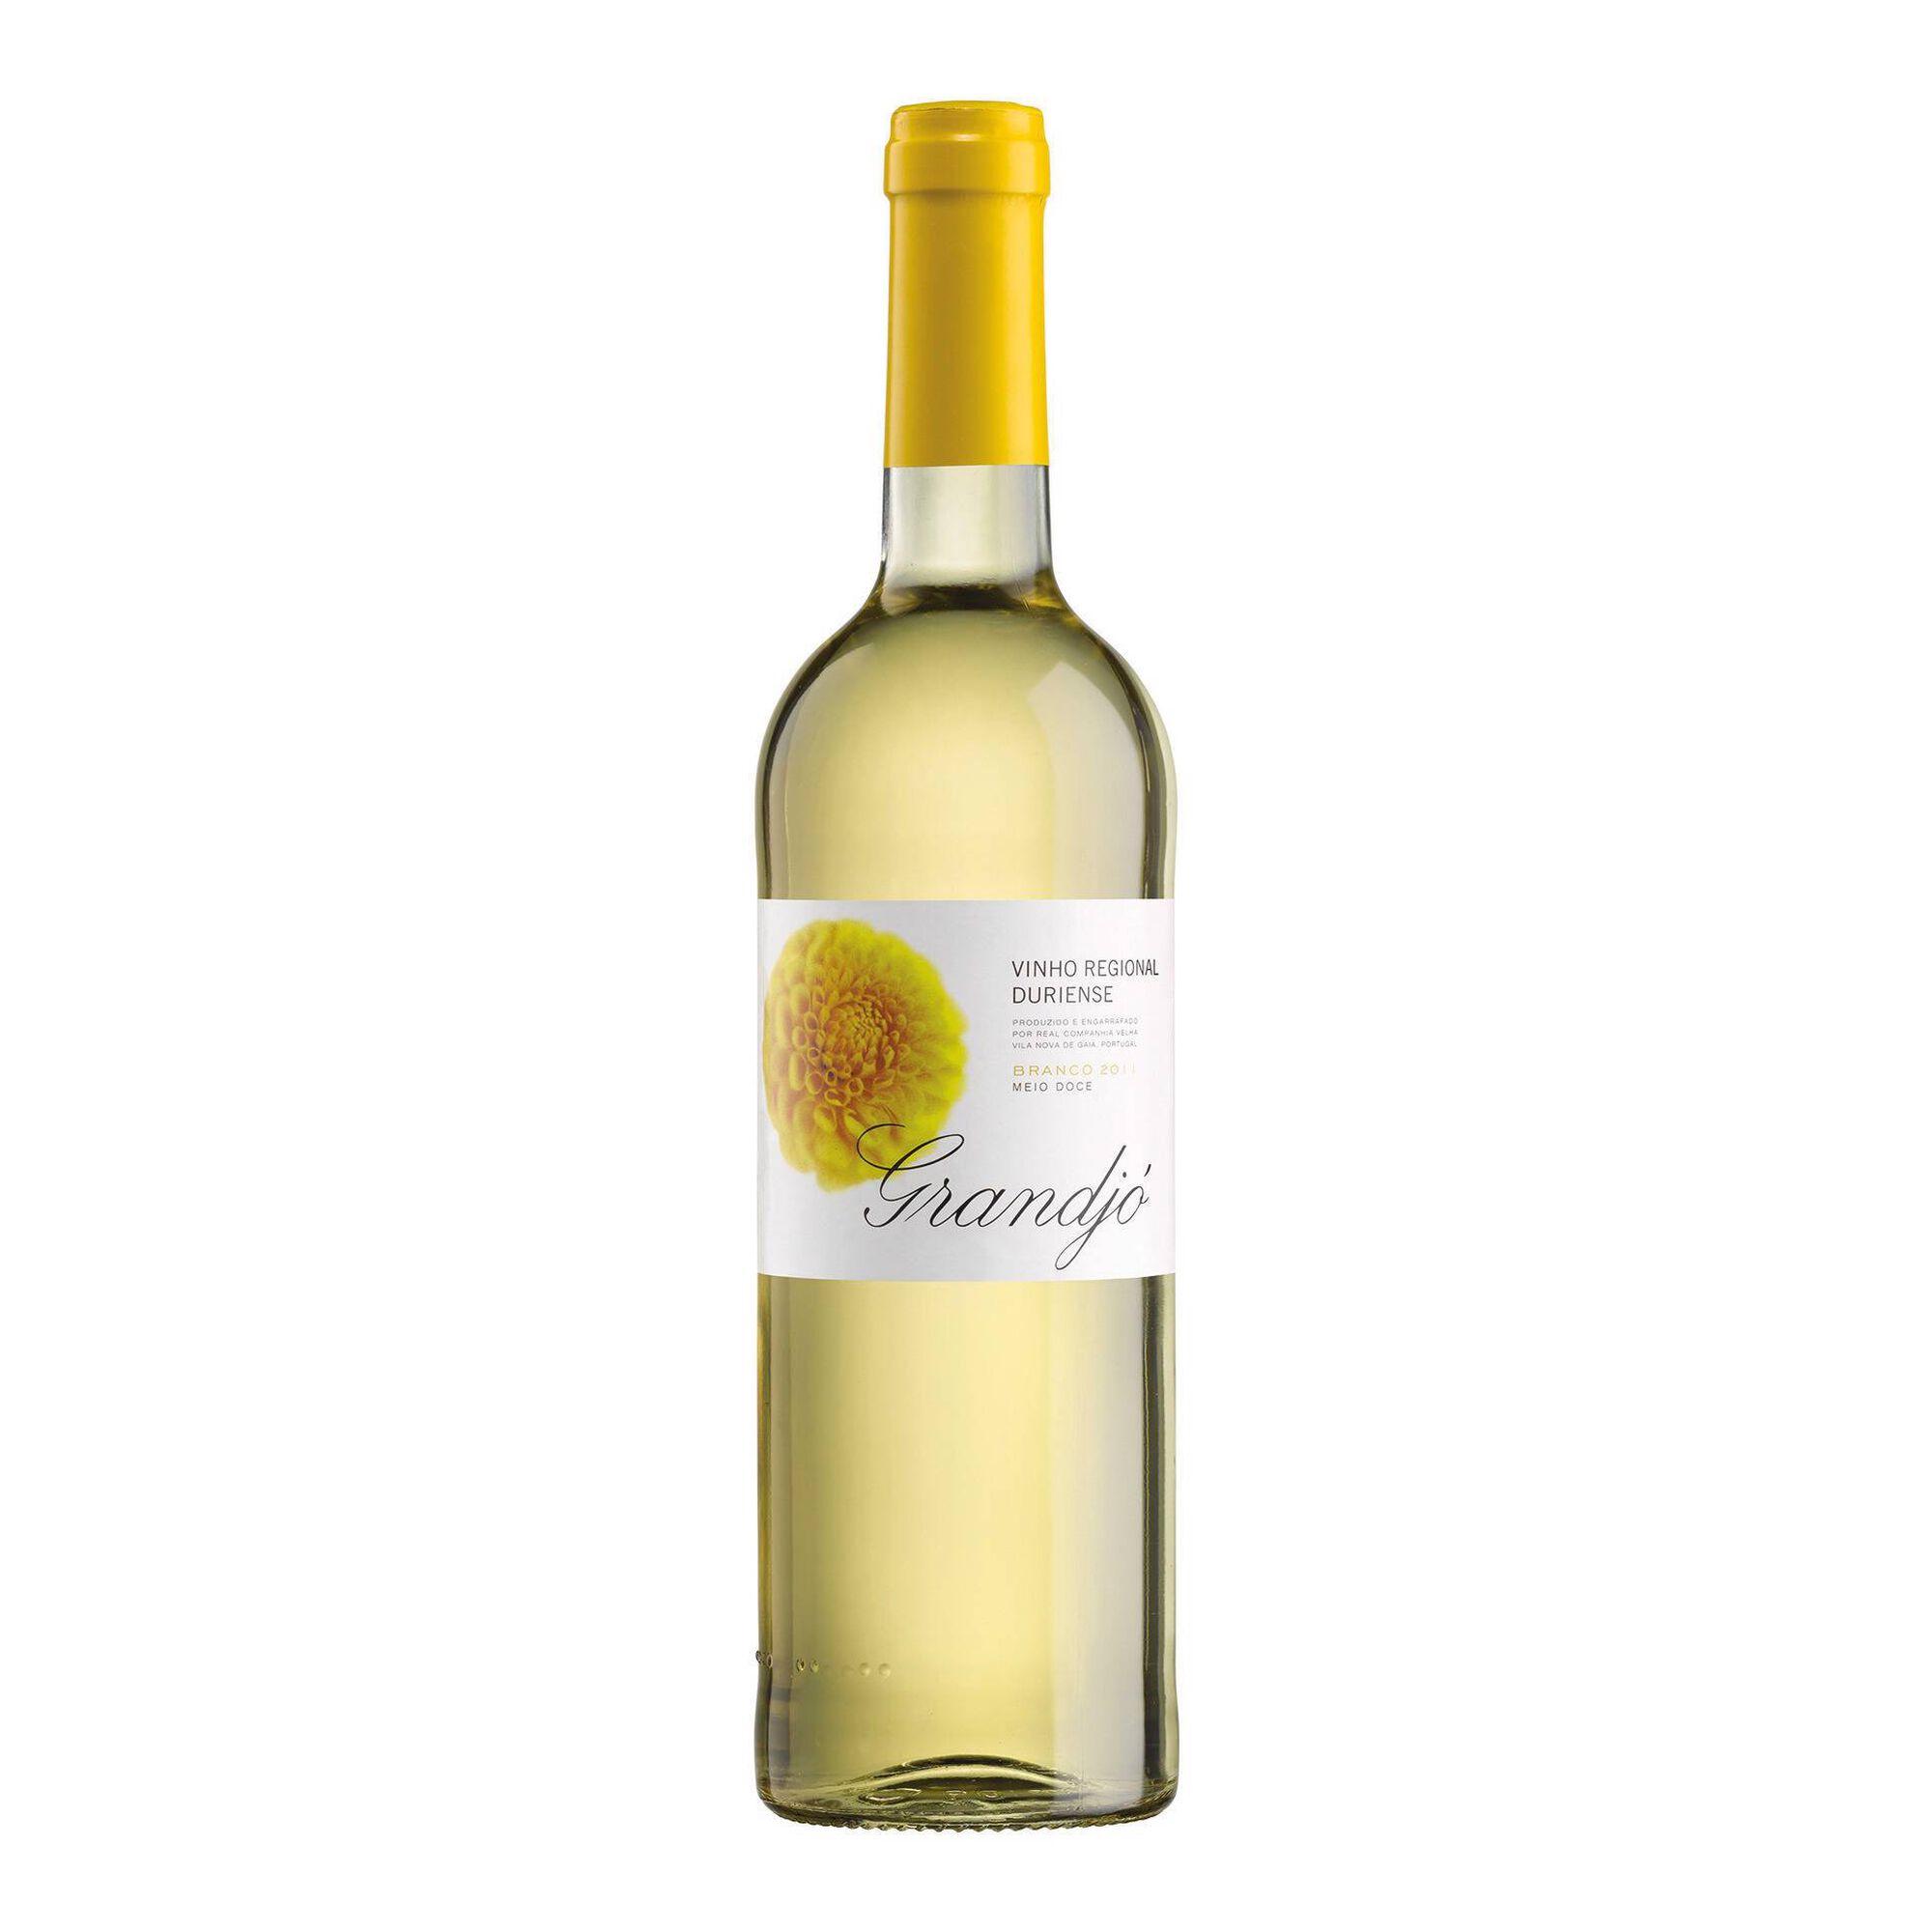 Grandjó Meio Doce DOC Douro Vinho Branco